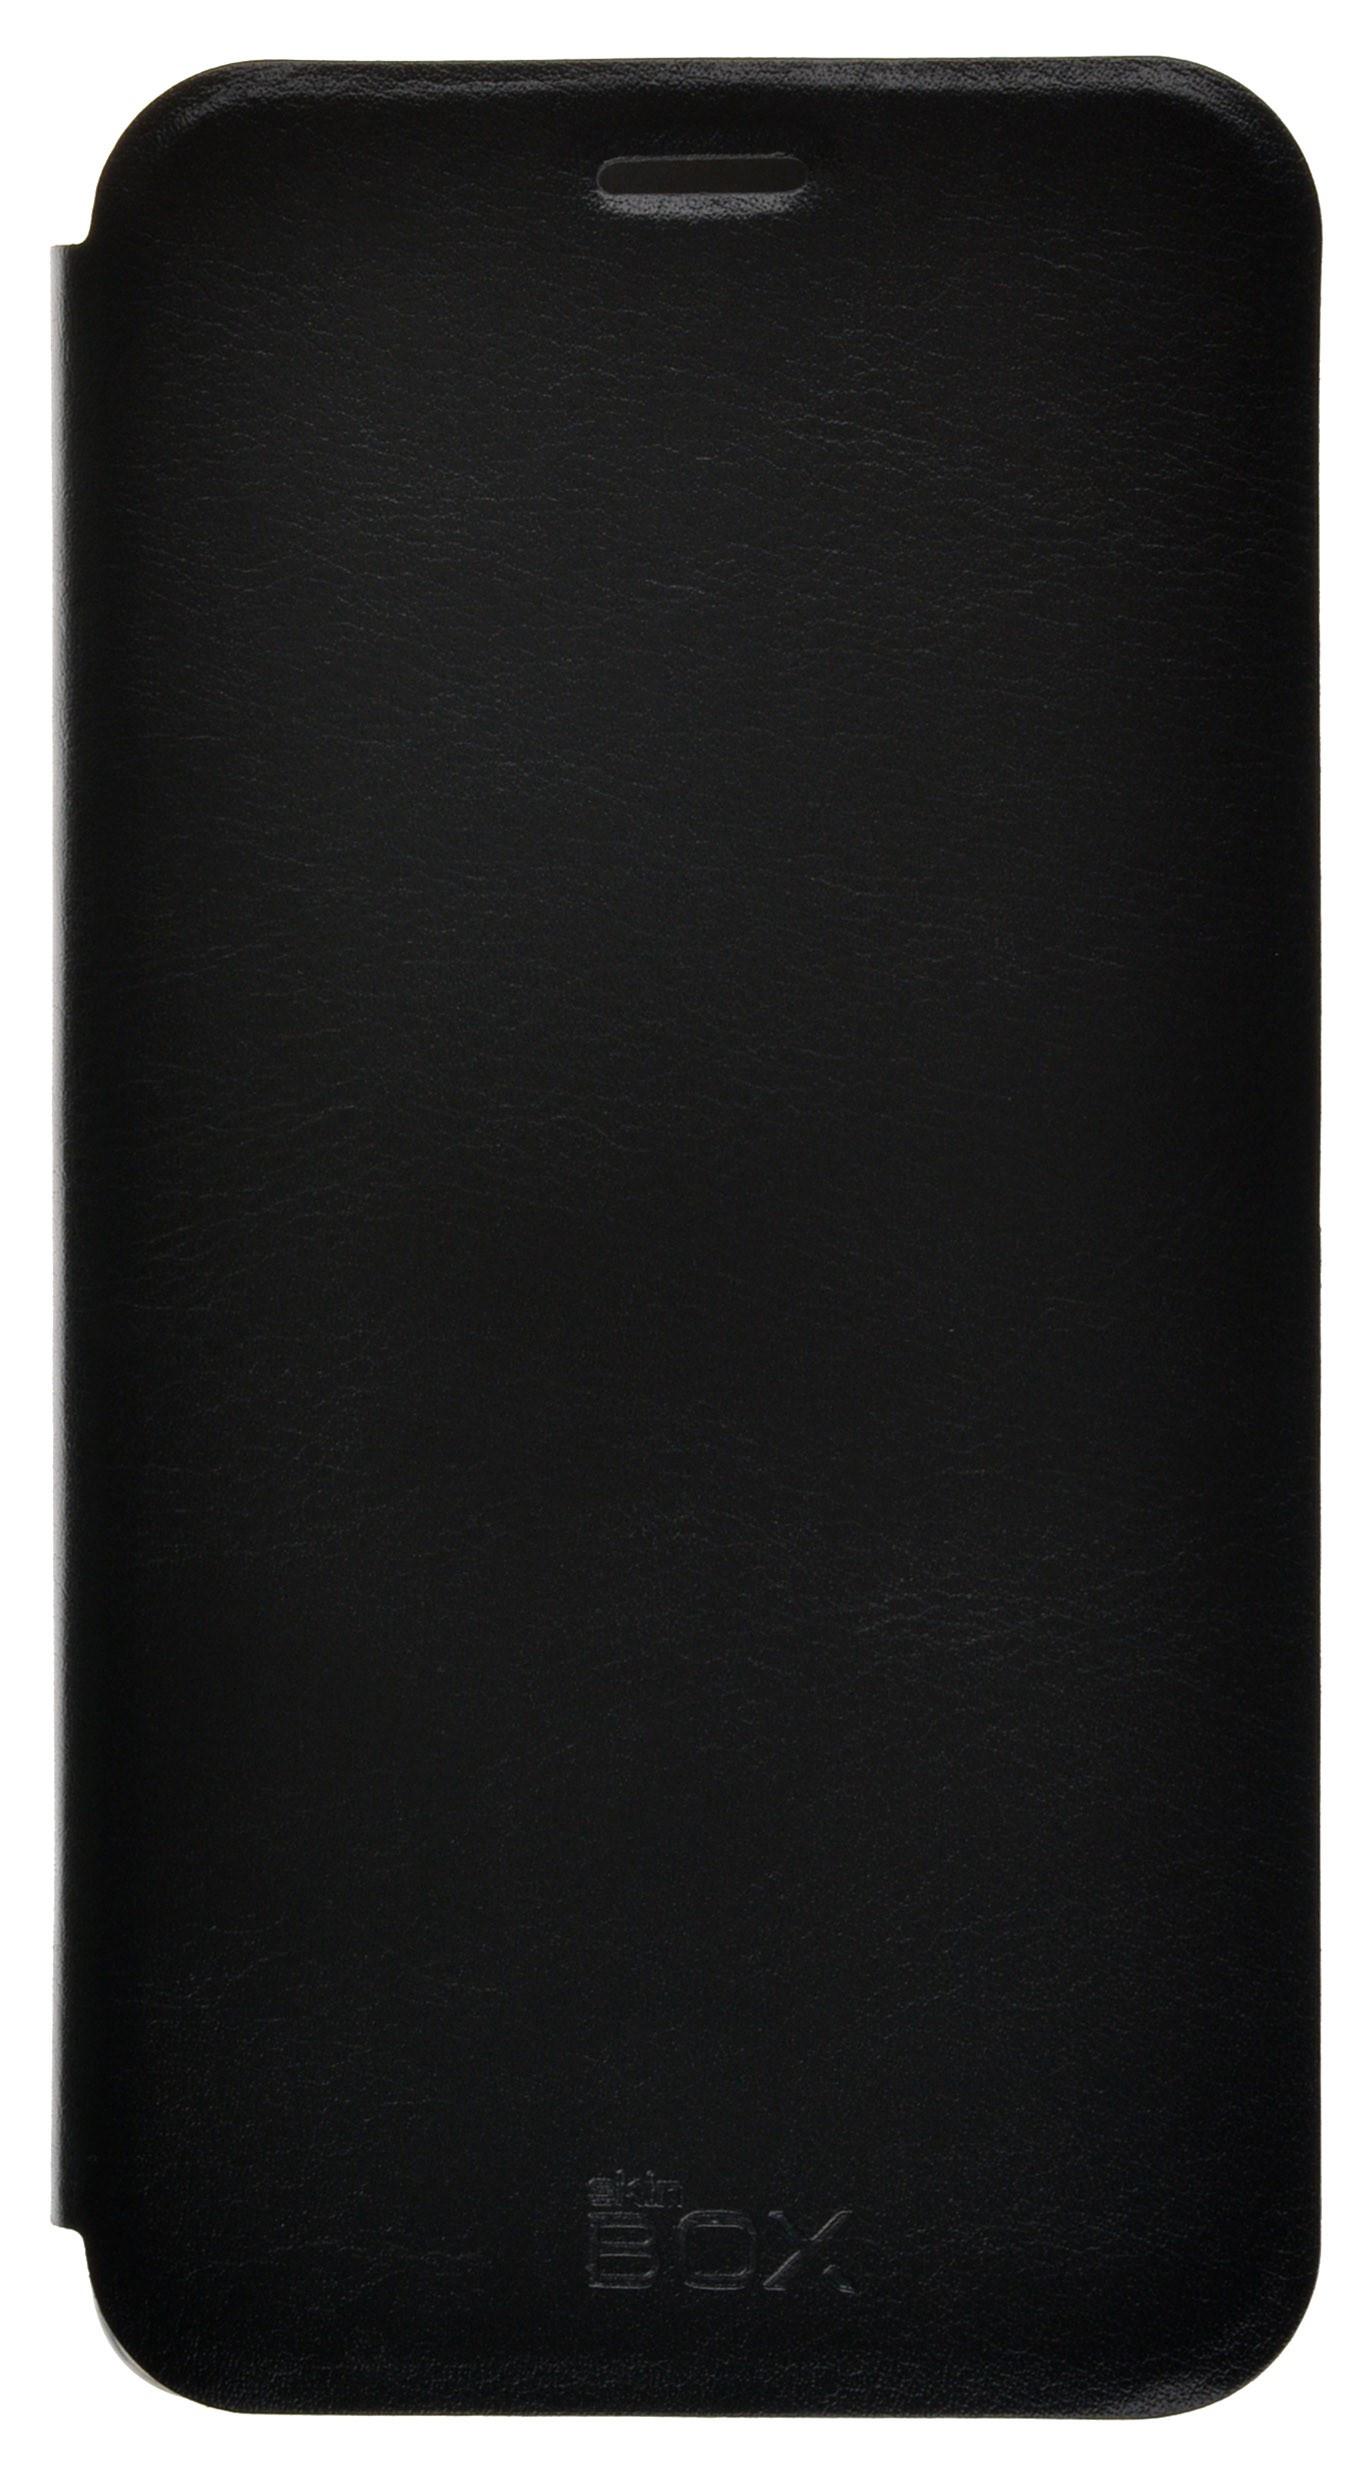 Чехол для сотового телефона skinBOX Lux, 4630042528369, черный стоимость